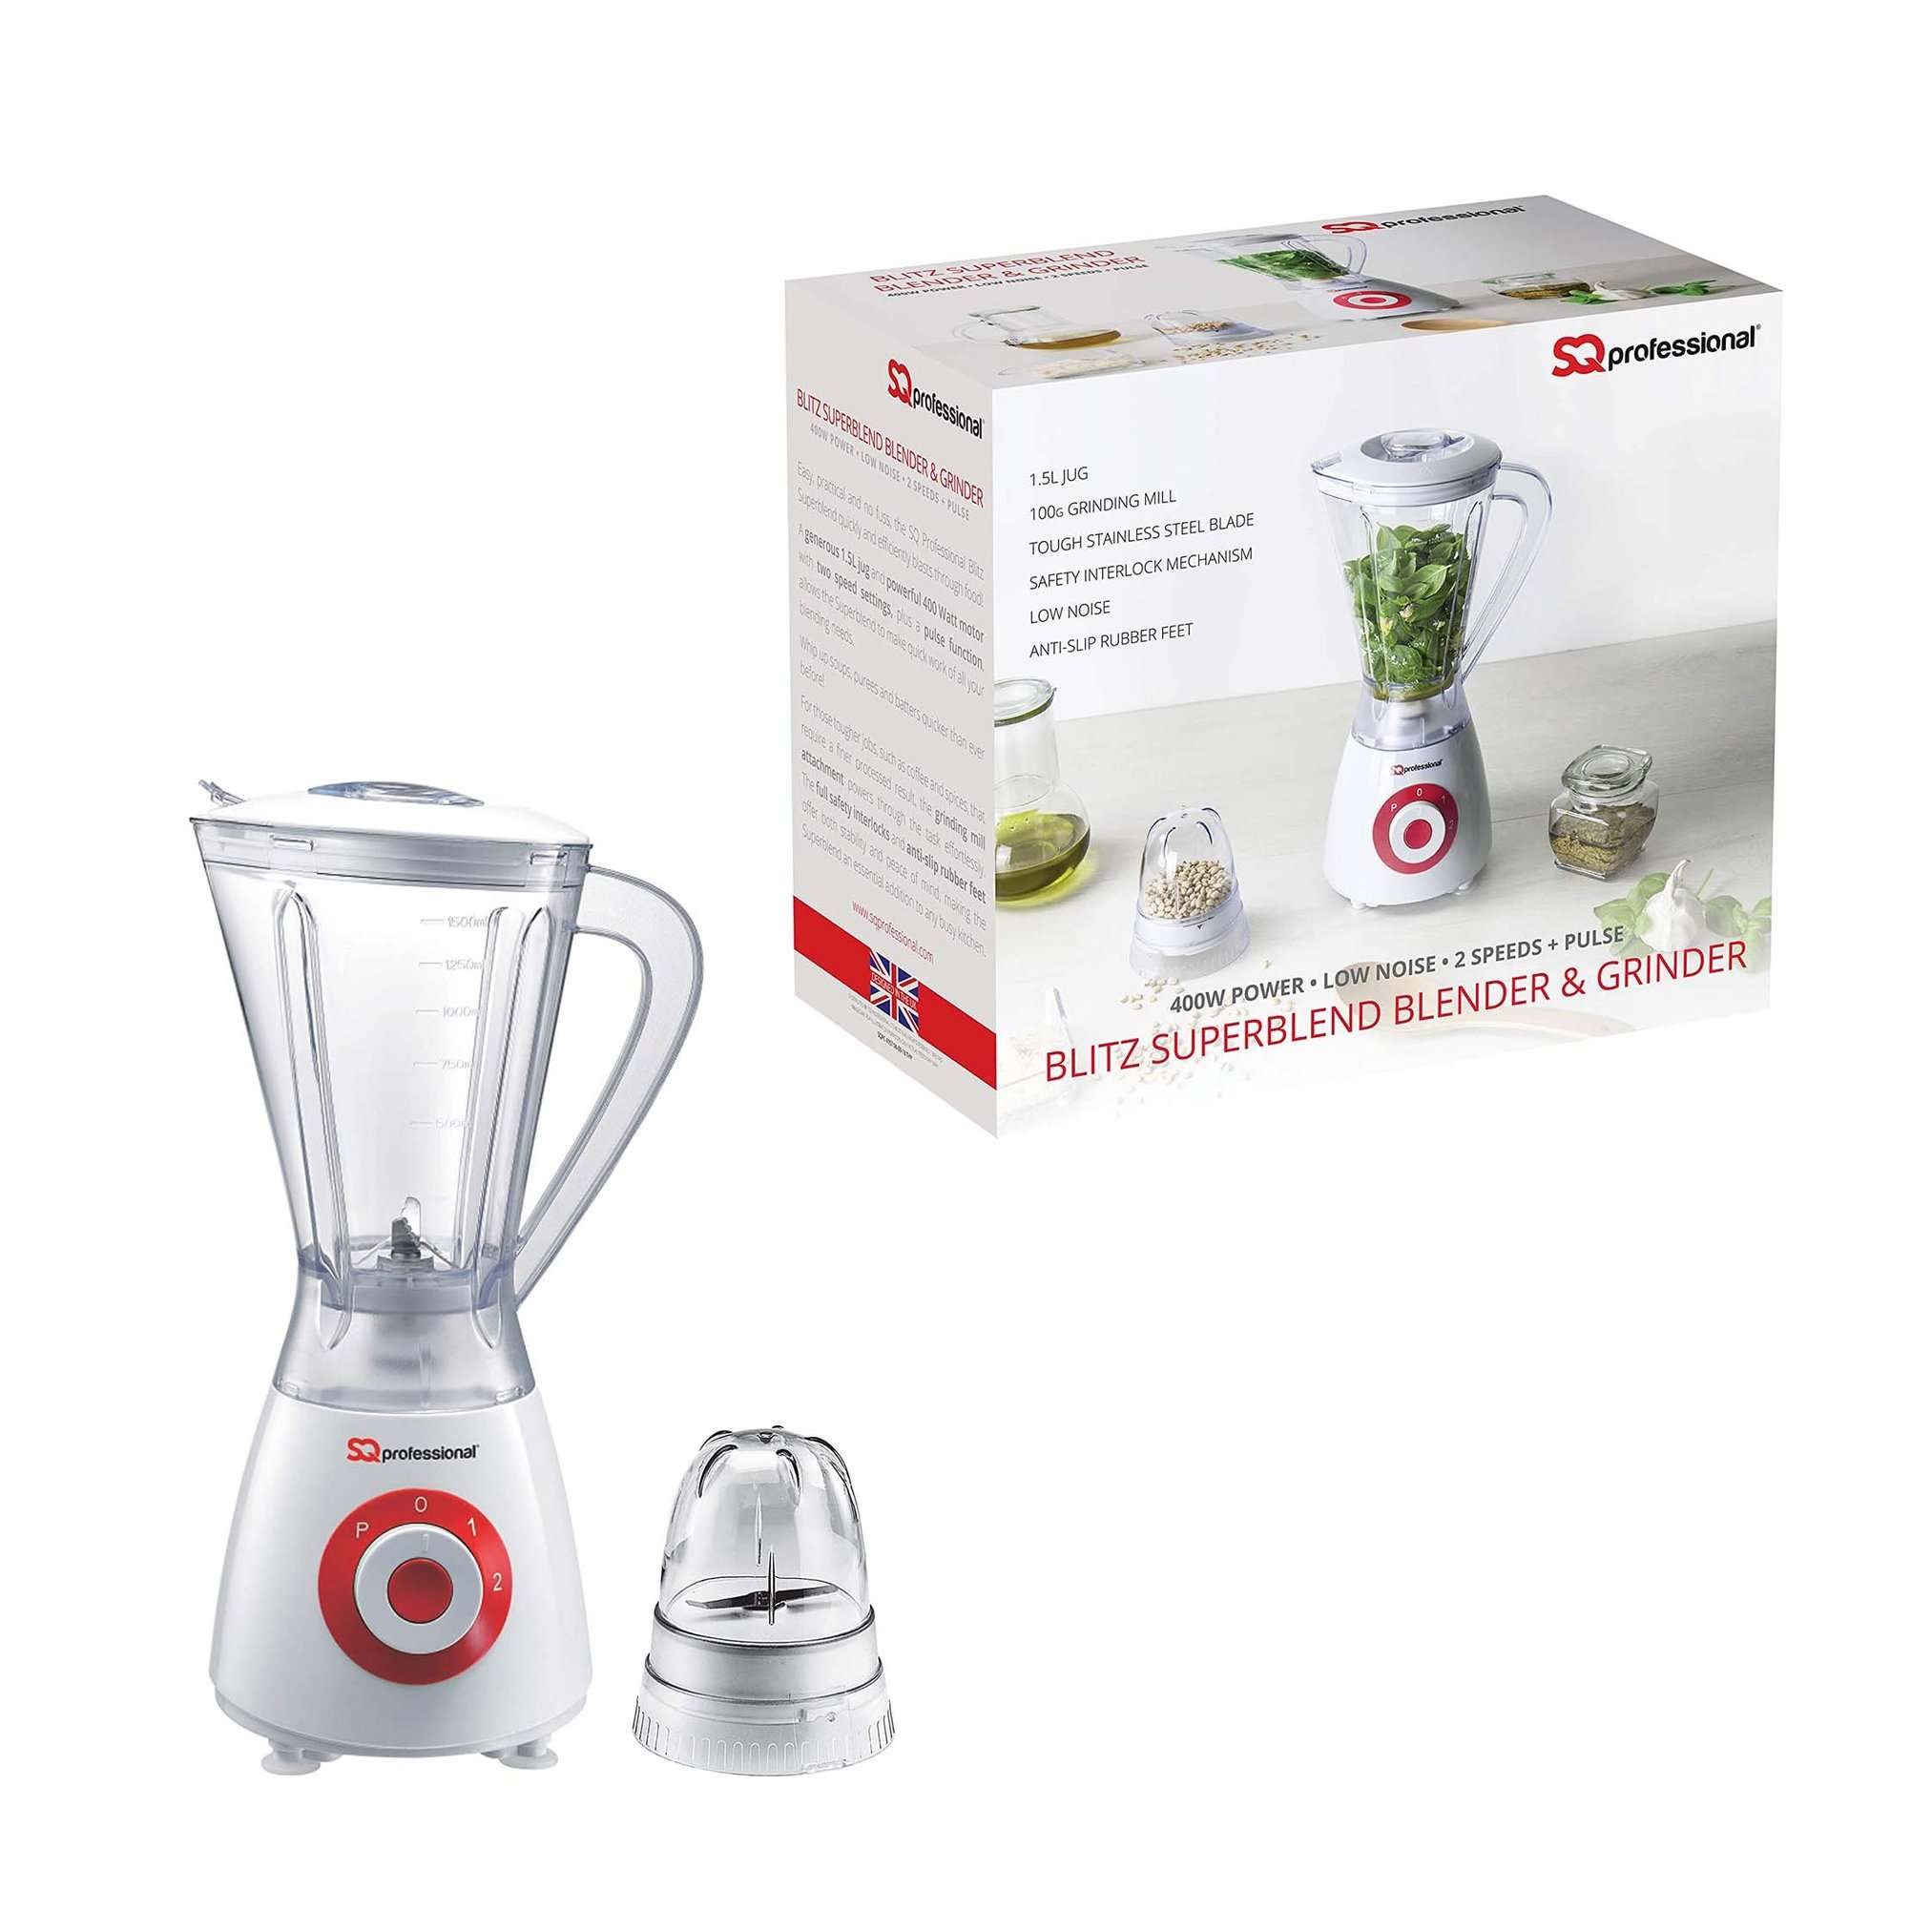 Superblend Blender And Grinder Low Noise 2 Speeds + Pulse 1.5L Jug 400W RED 4157